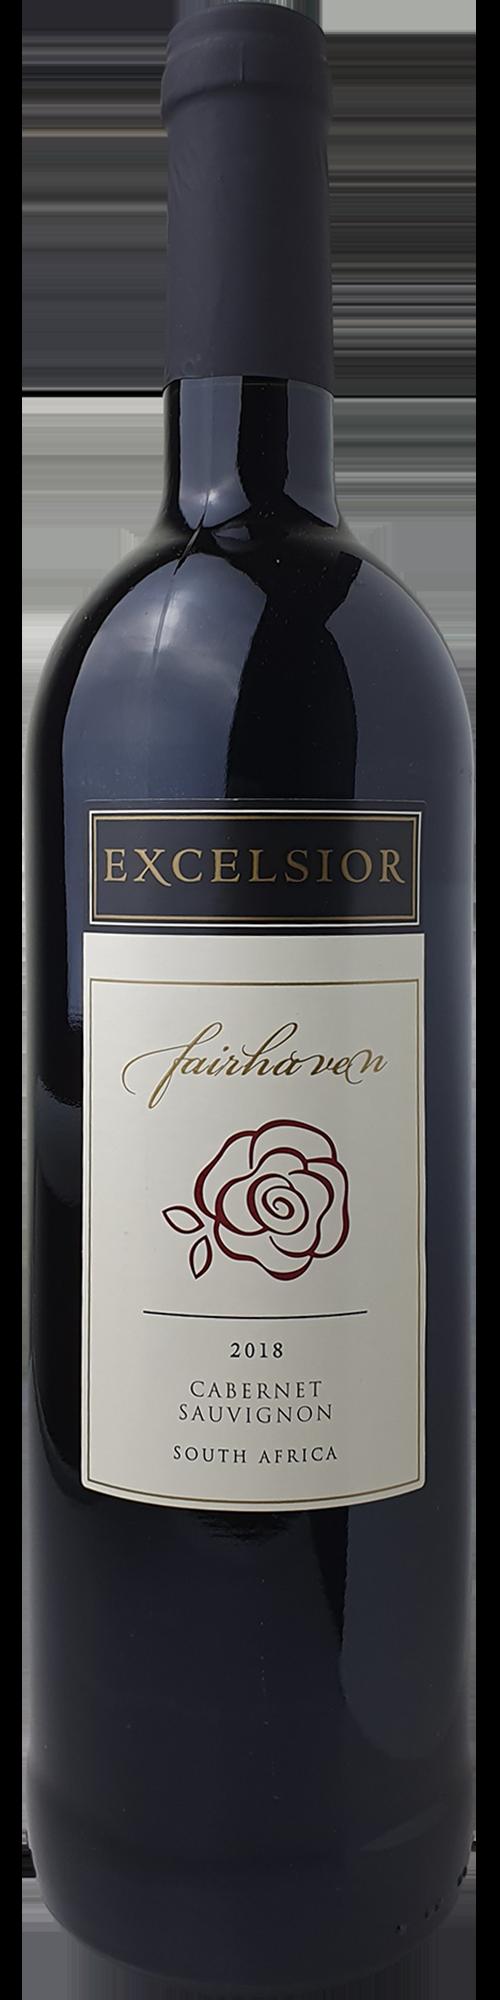 2018 Excelsior Fairhaven